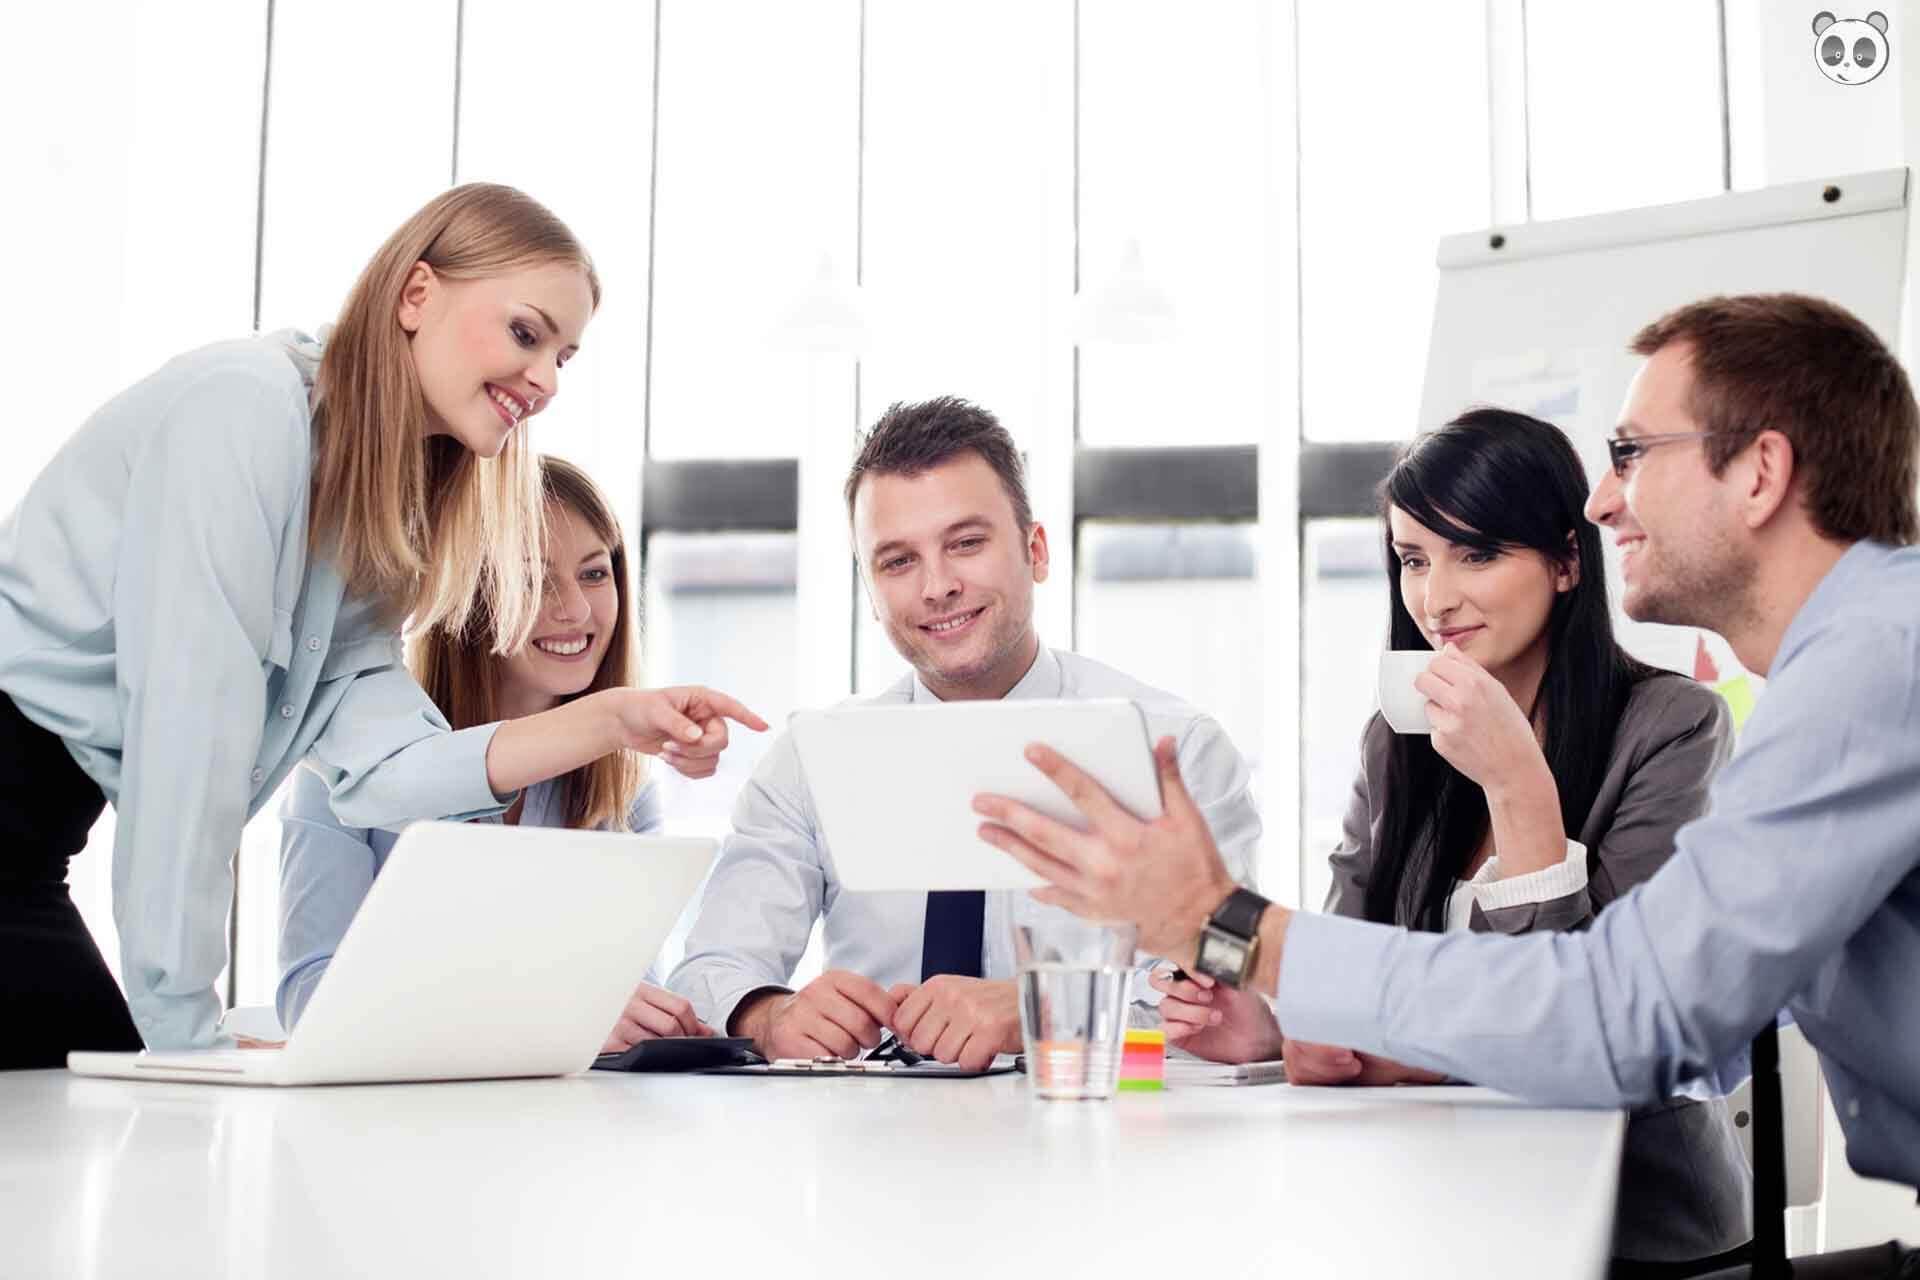 Một môi trường làm việc tốt sẽ giúp quản lý dễ dàng